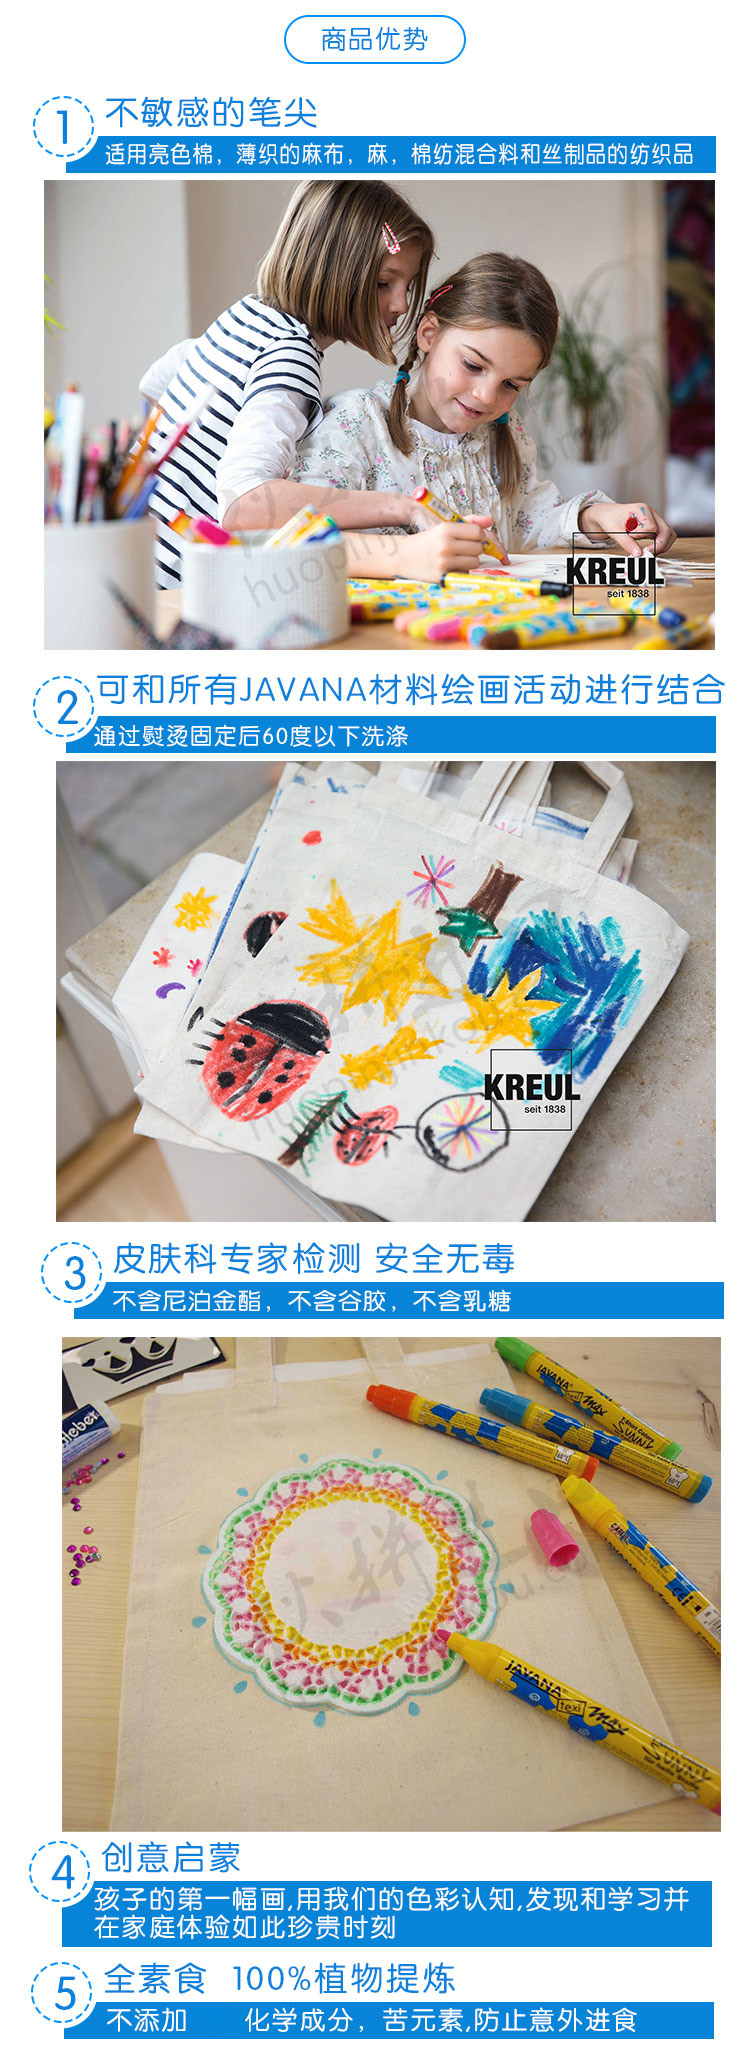 90710-画笔套装用于纺织品上-5支套详情_02.jpg